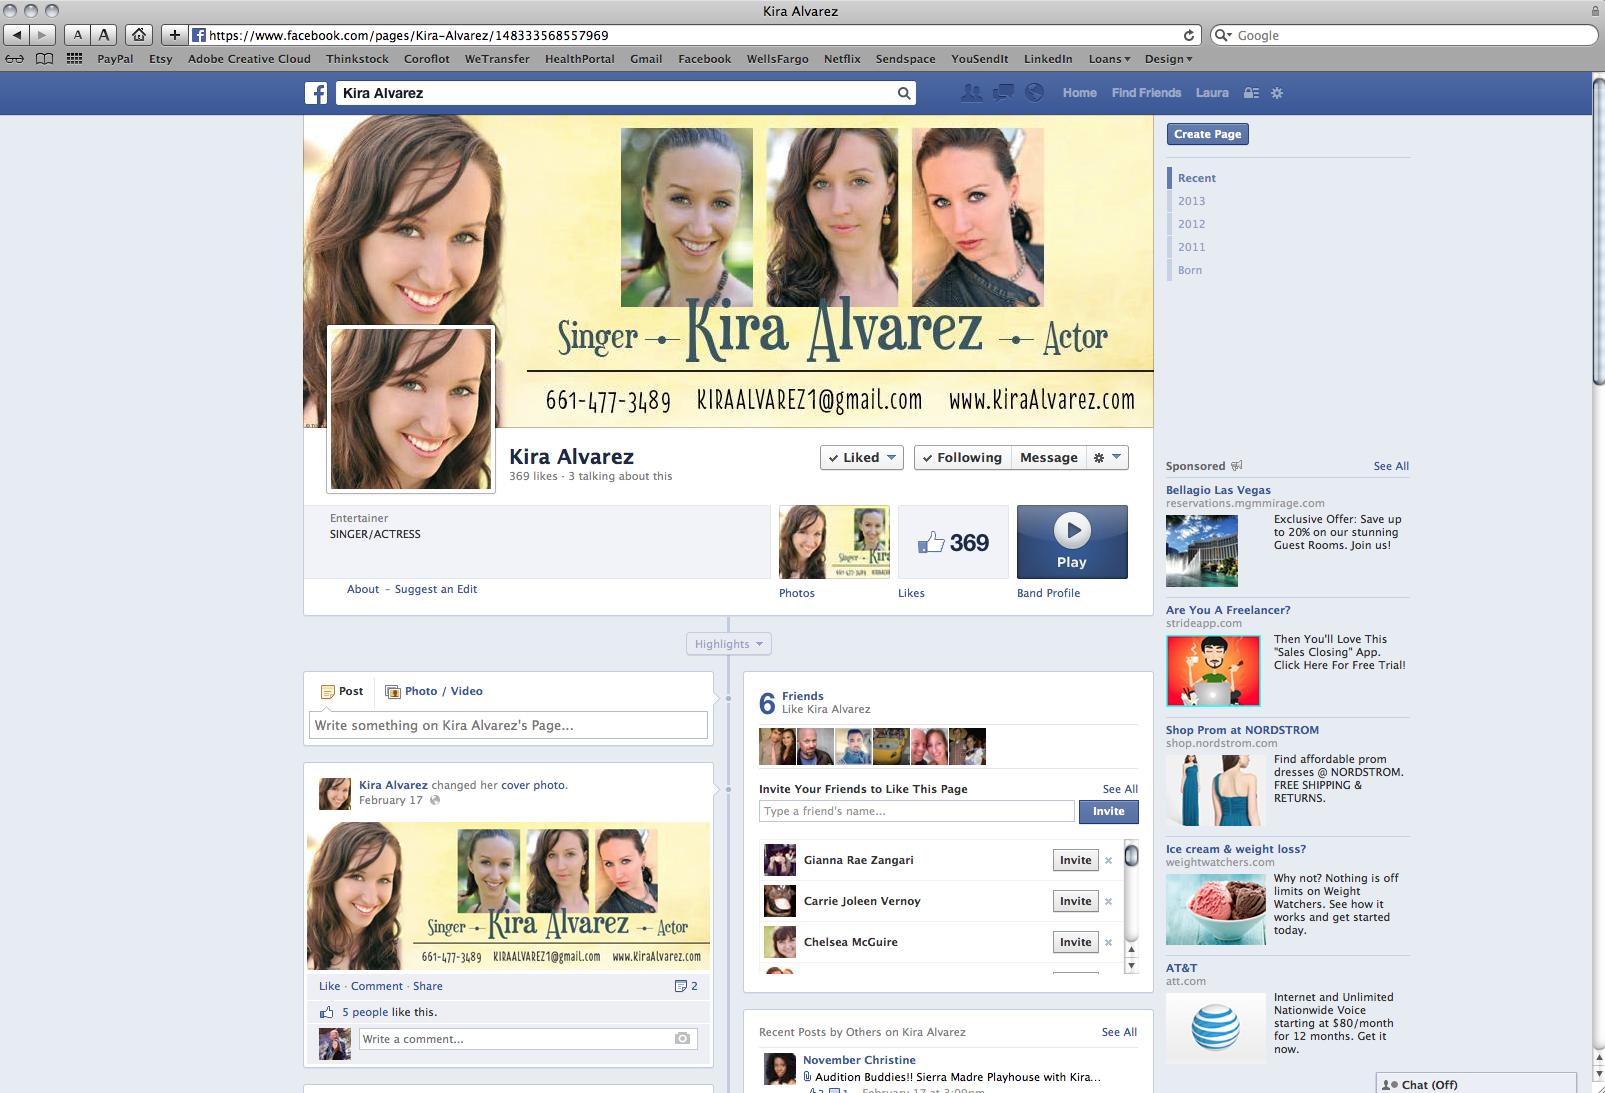 Kira Alvarez Custom Facebook Cover Page